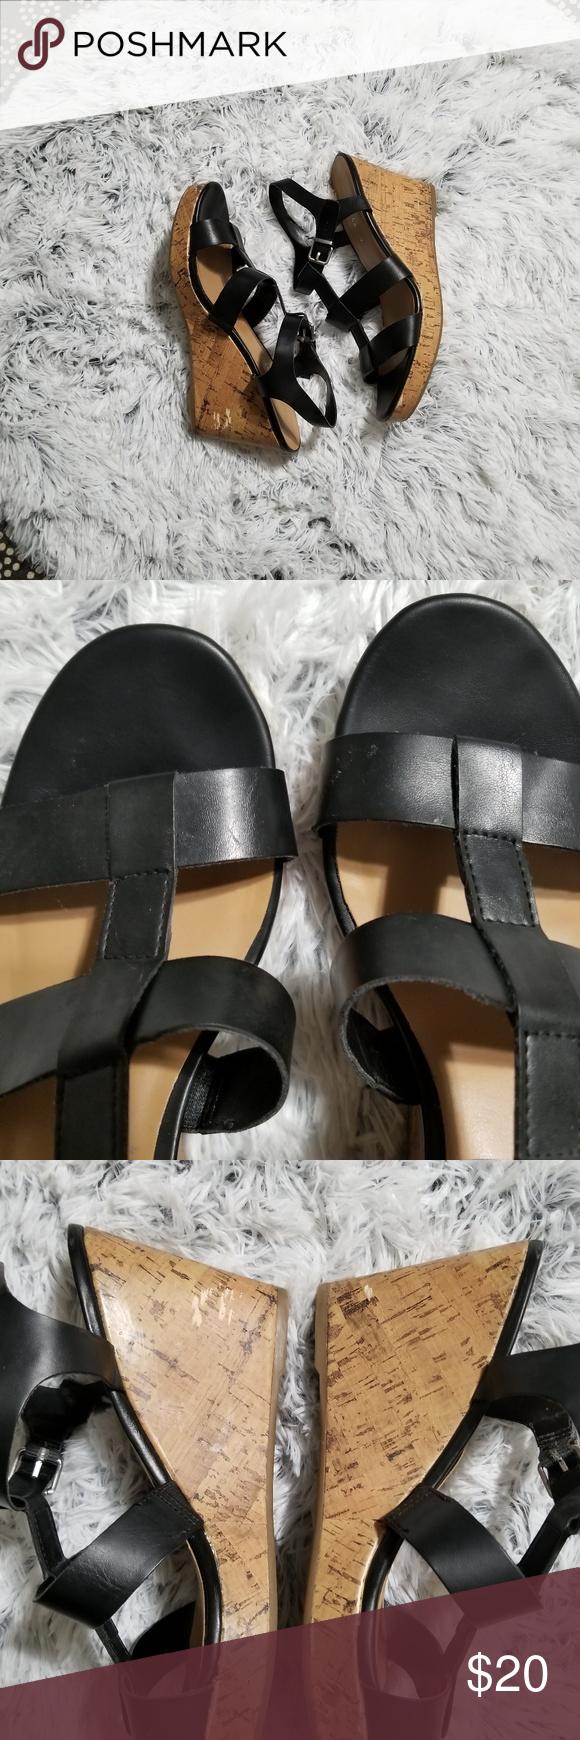 d458593ef45 Franco Sarto Mendoza black wedge sandals size 10M Franco Sarto ...